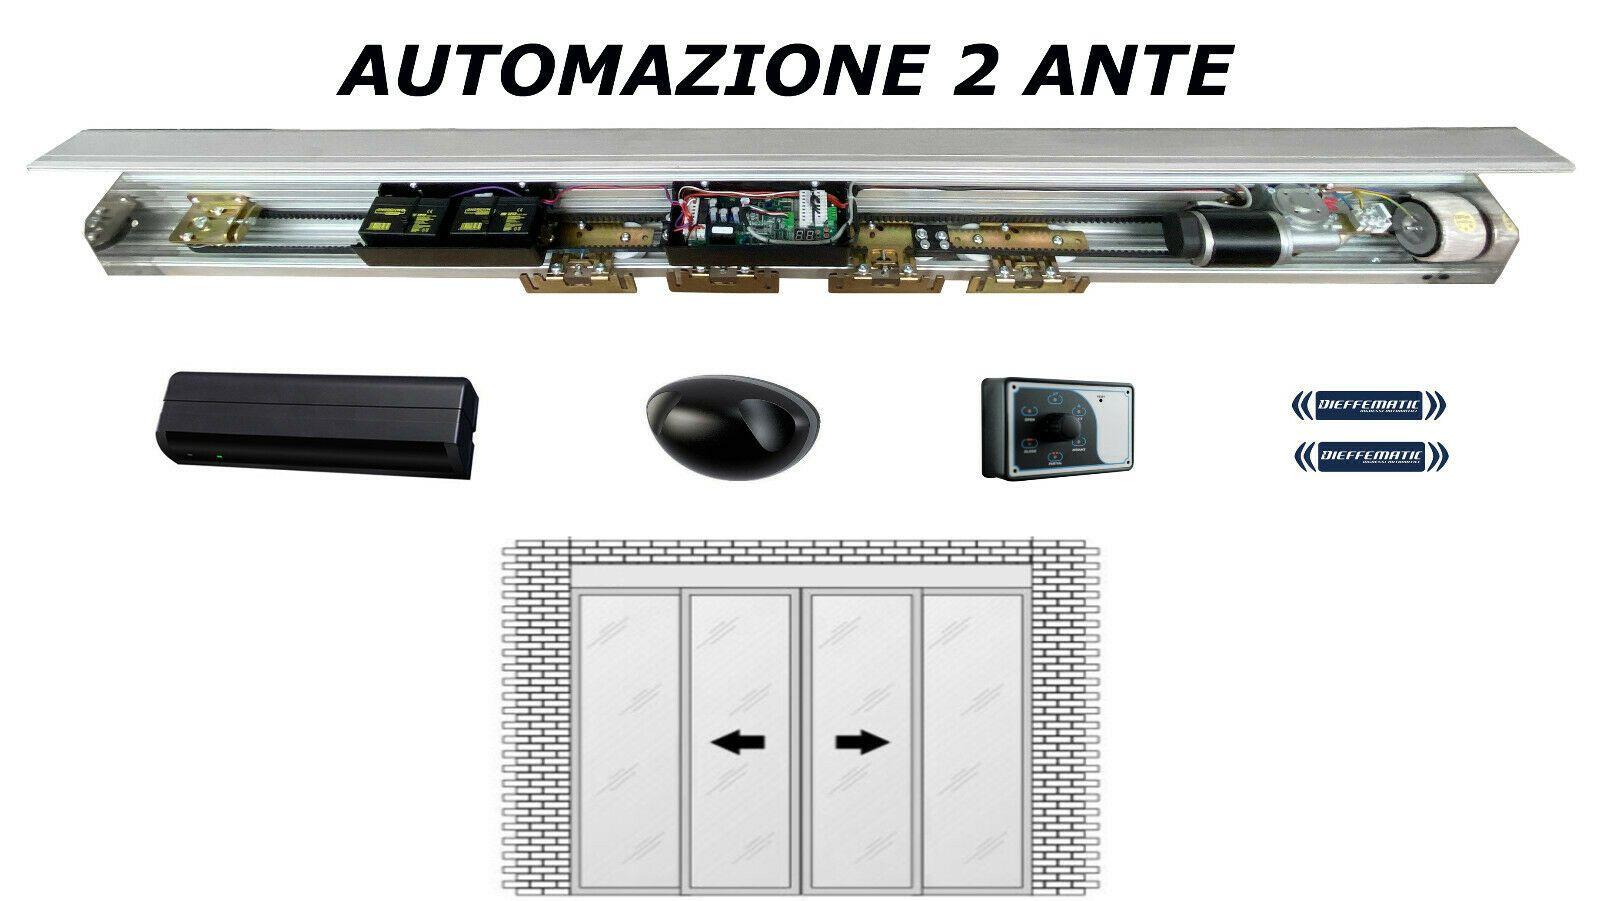 Porta automatica intensiva DIEFFEMATIC composizione per doppia anta max 80+80Kg